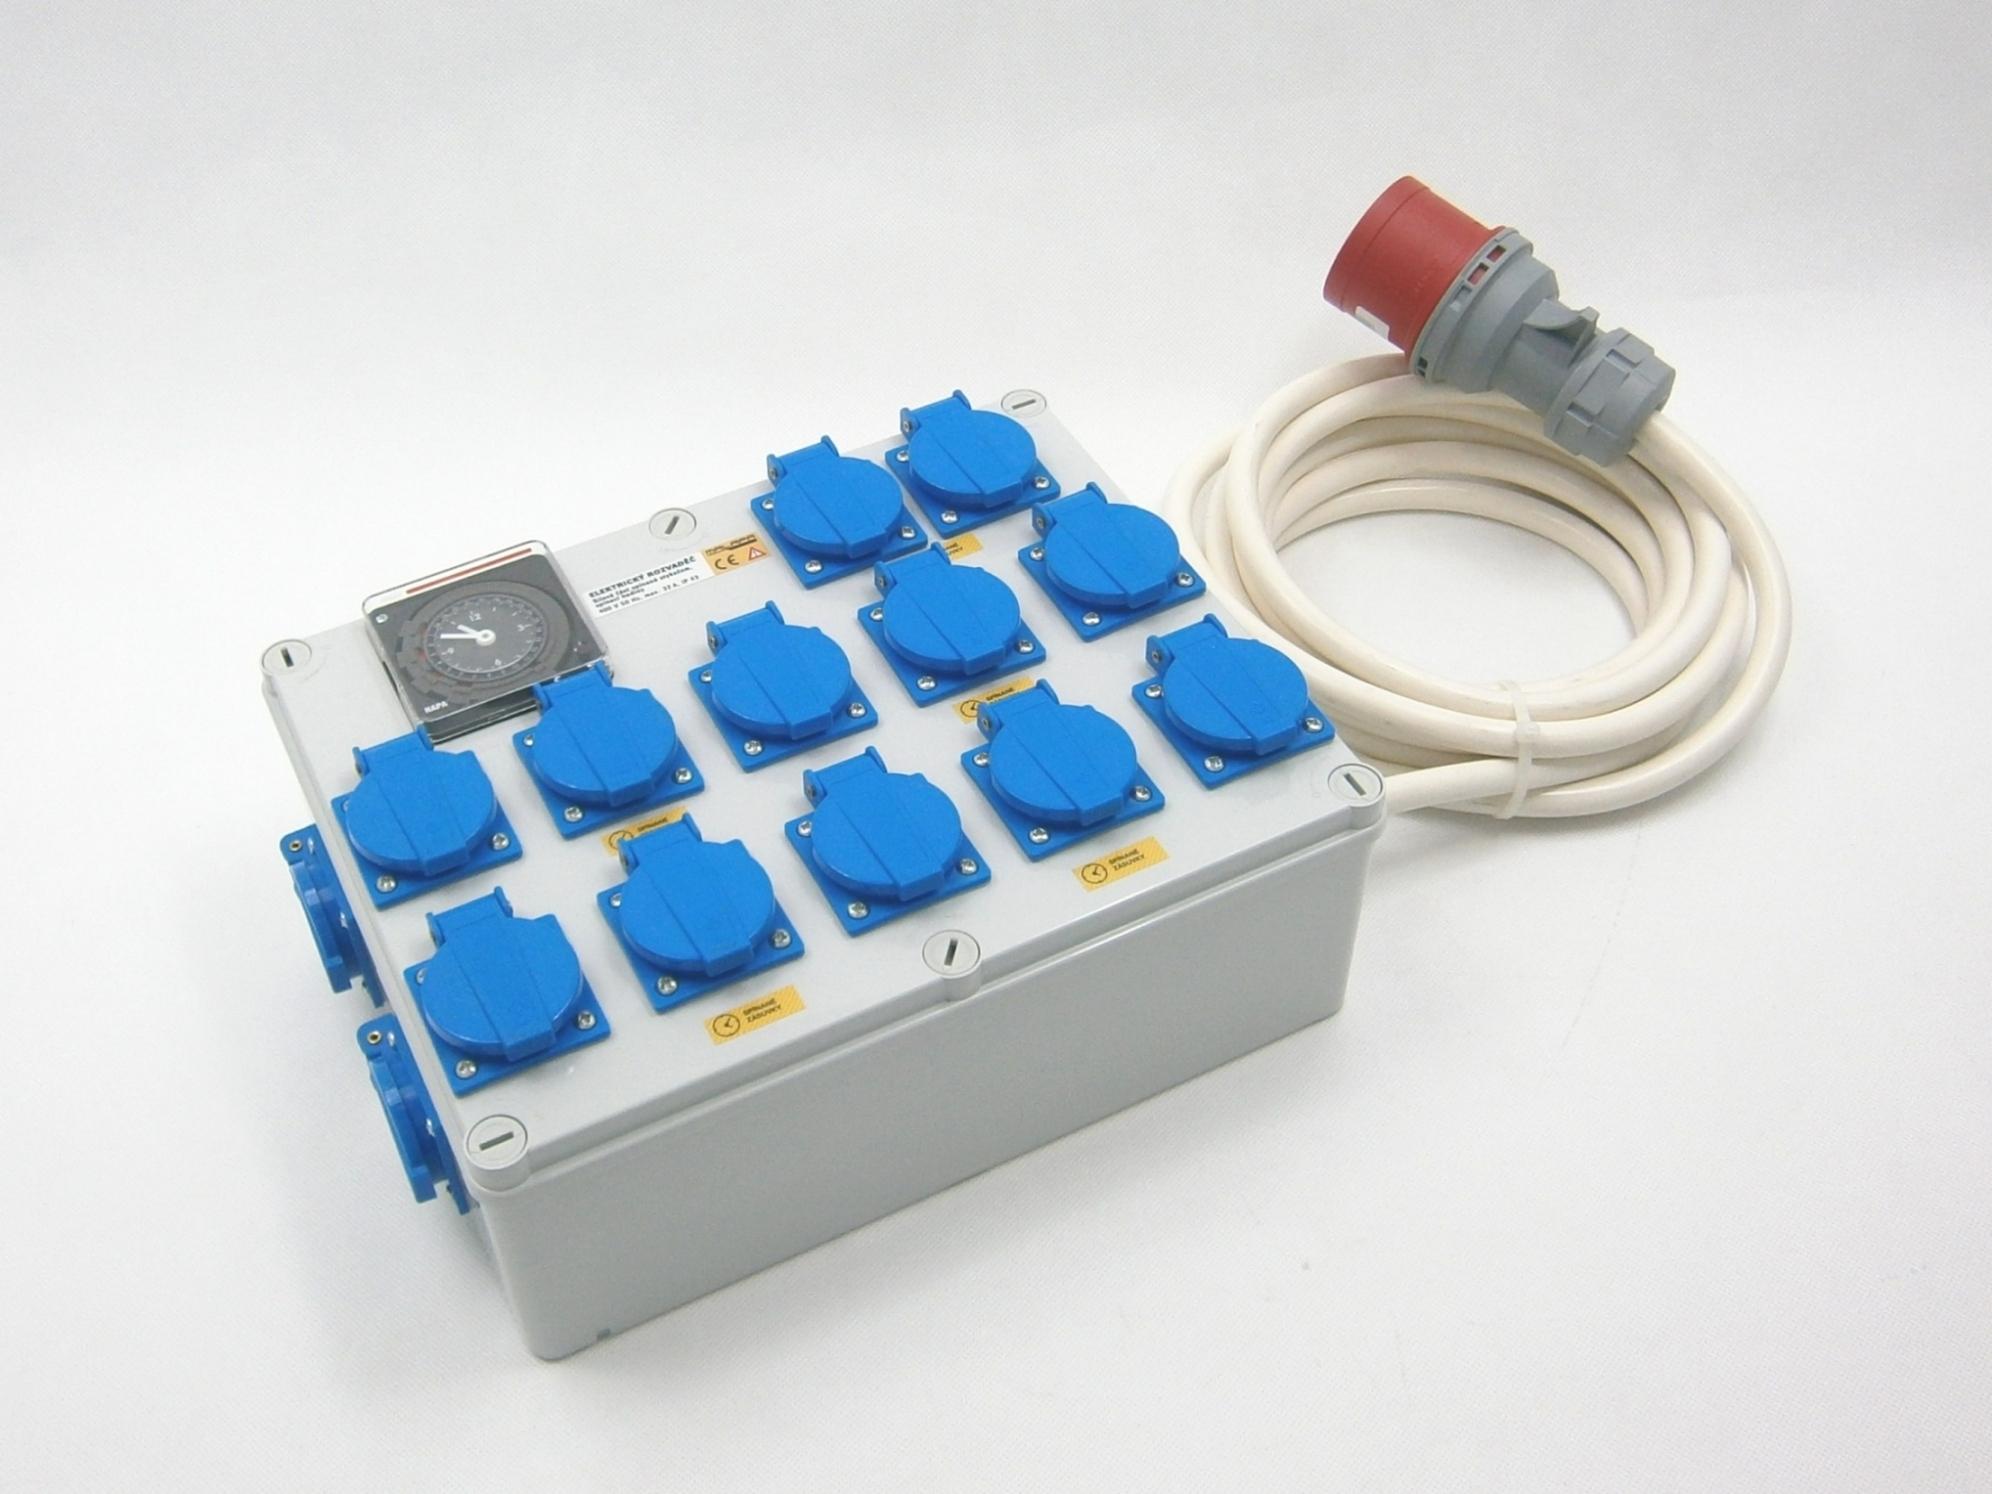 Malapa rozvaděč 12+2 (400V ) s tepelnou ochranou proti požáru max 3500W, 16A